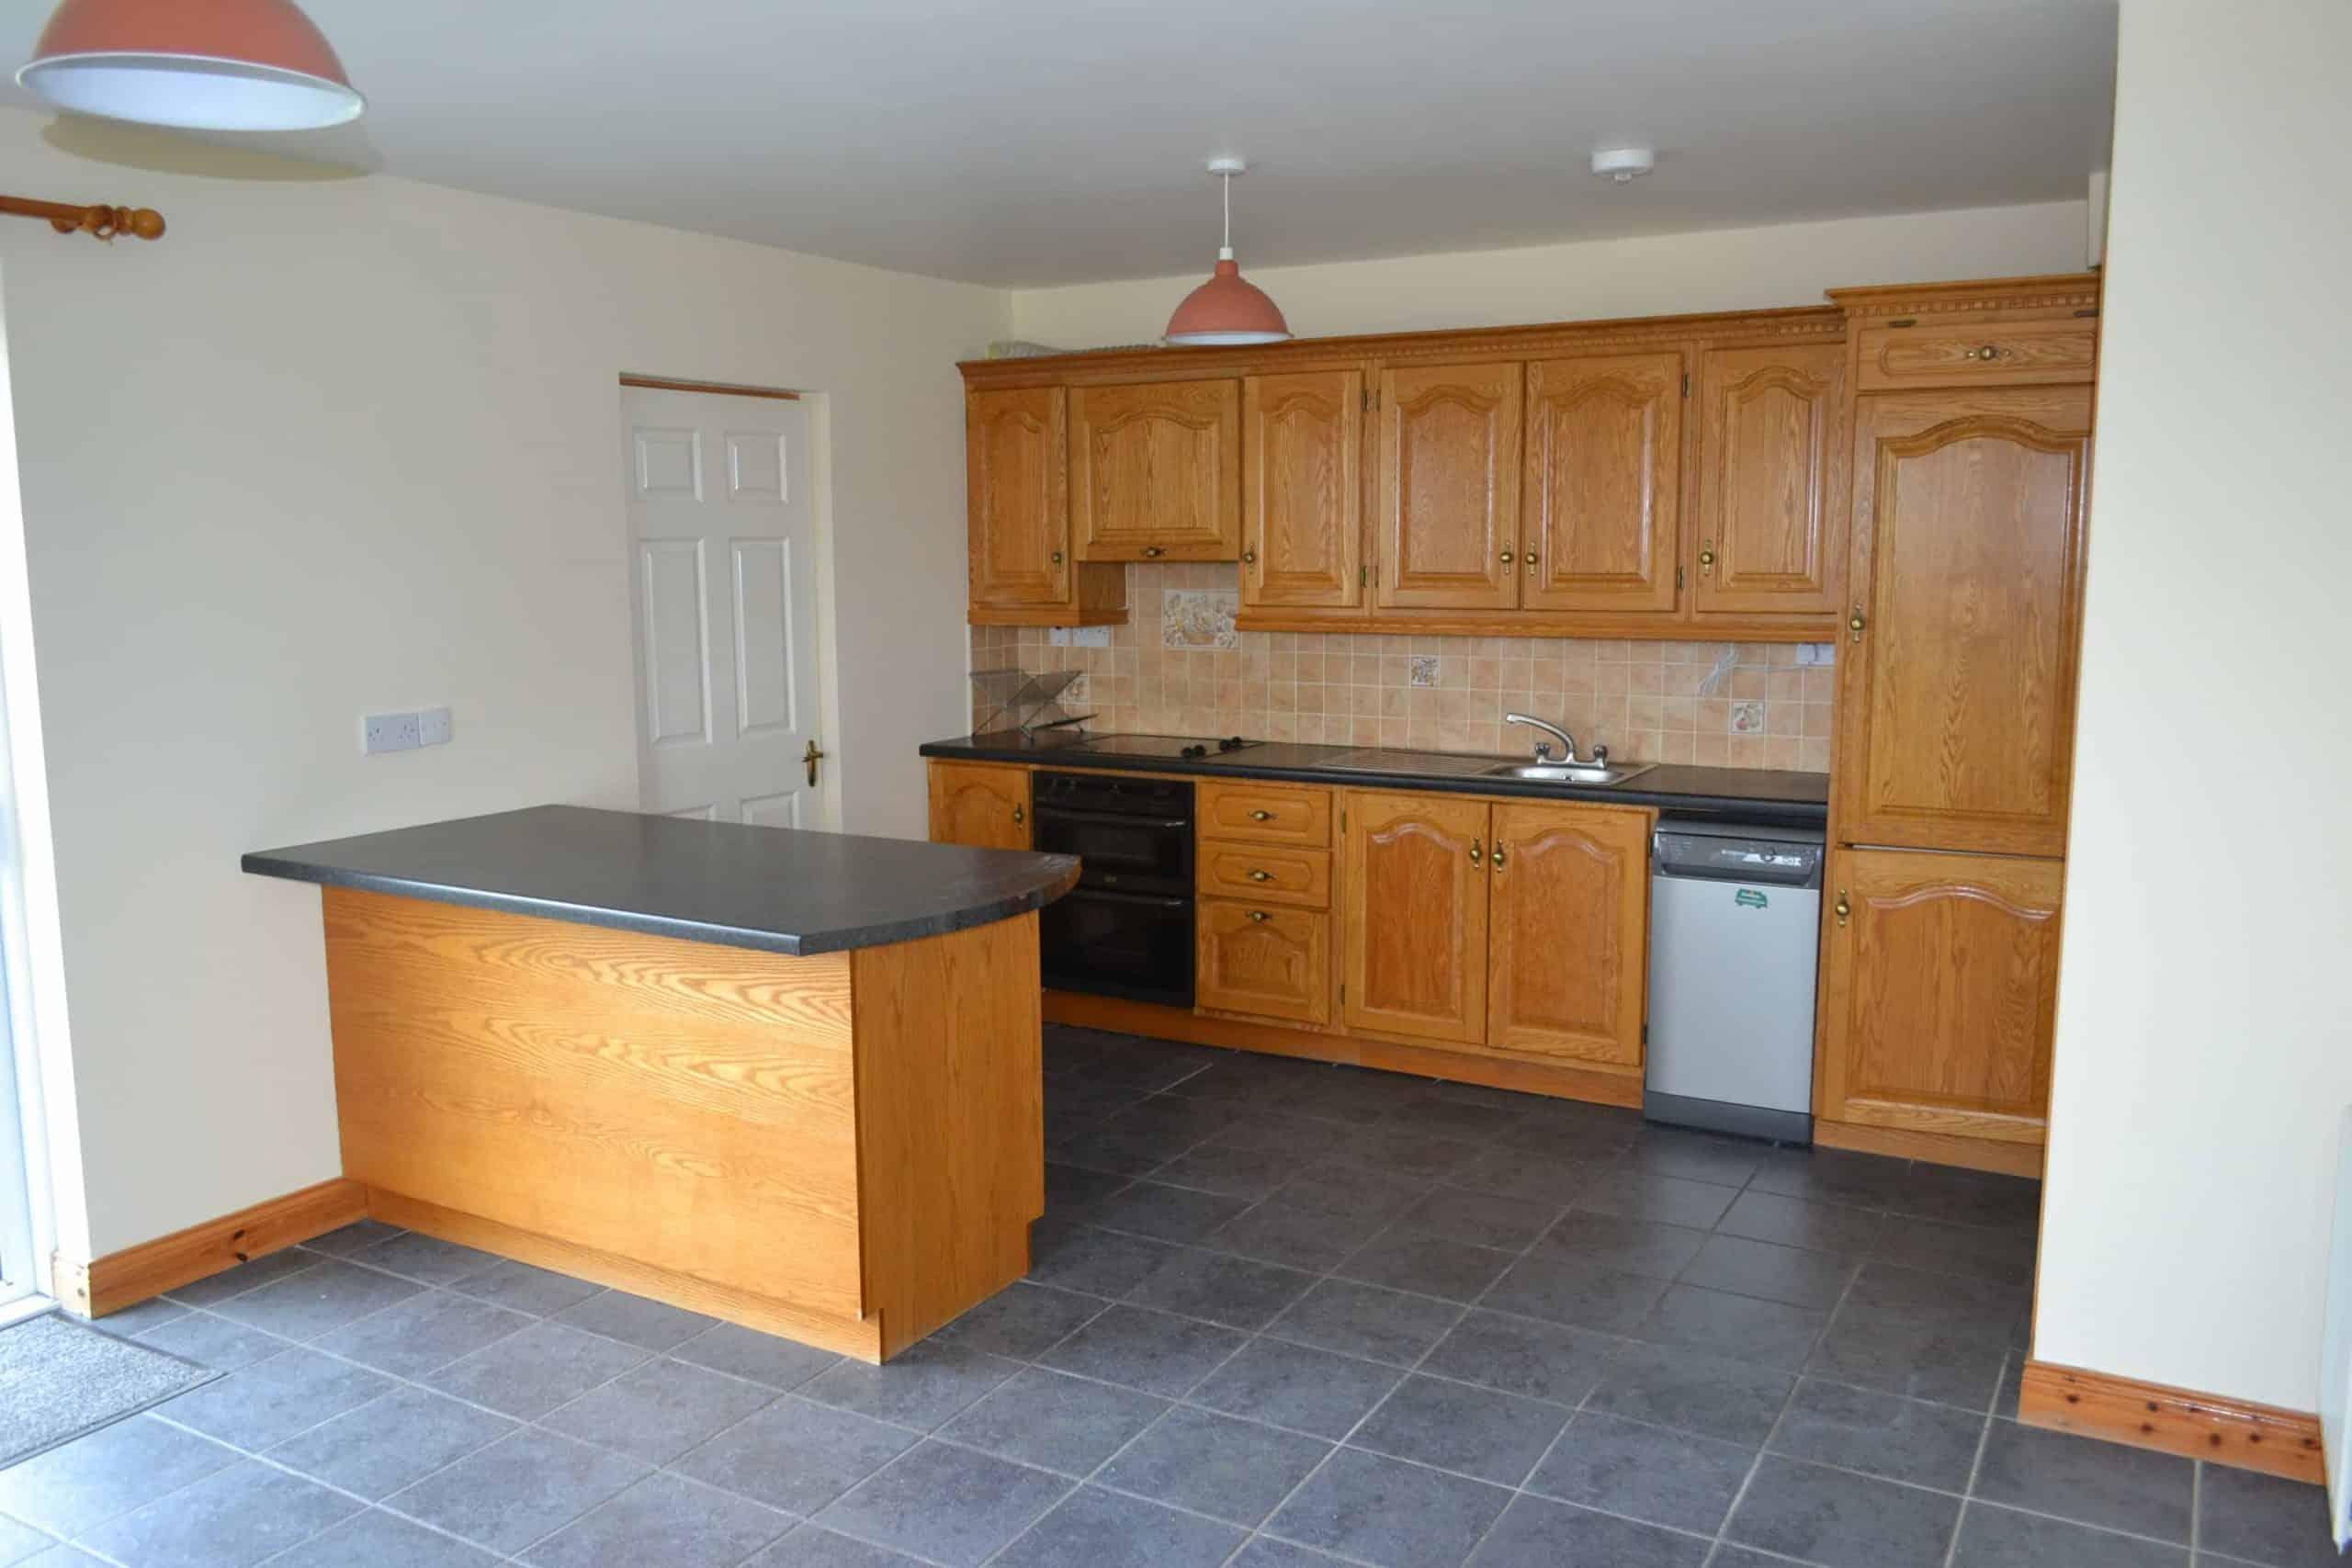 Kitchen appliances galway kitchen appliances galway for Kommode yoga iv